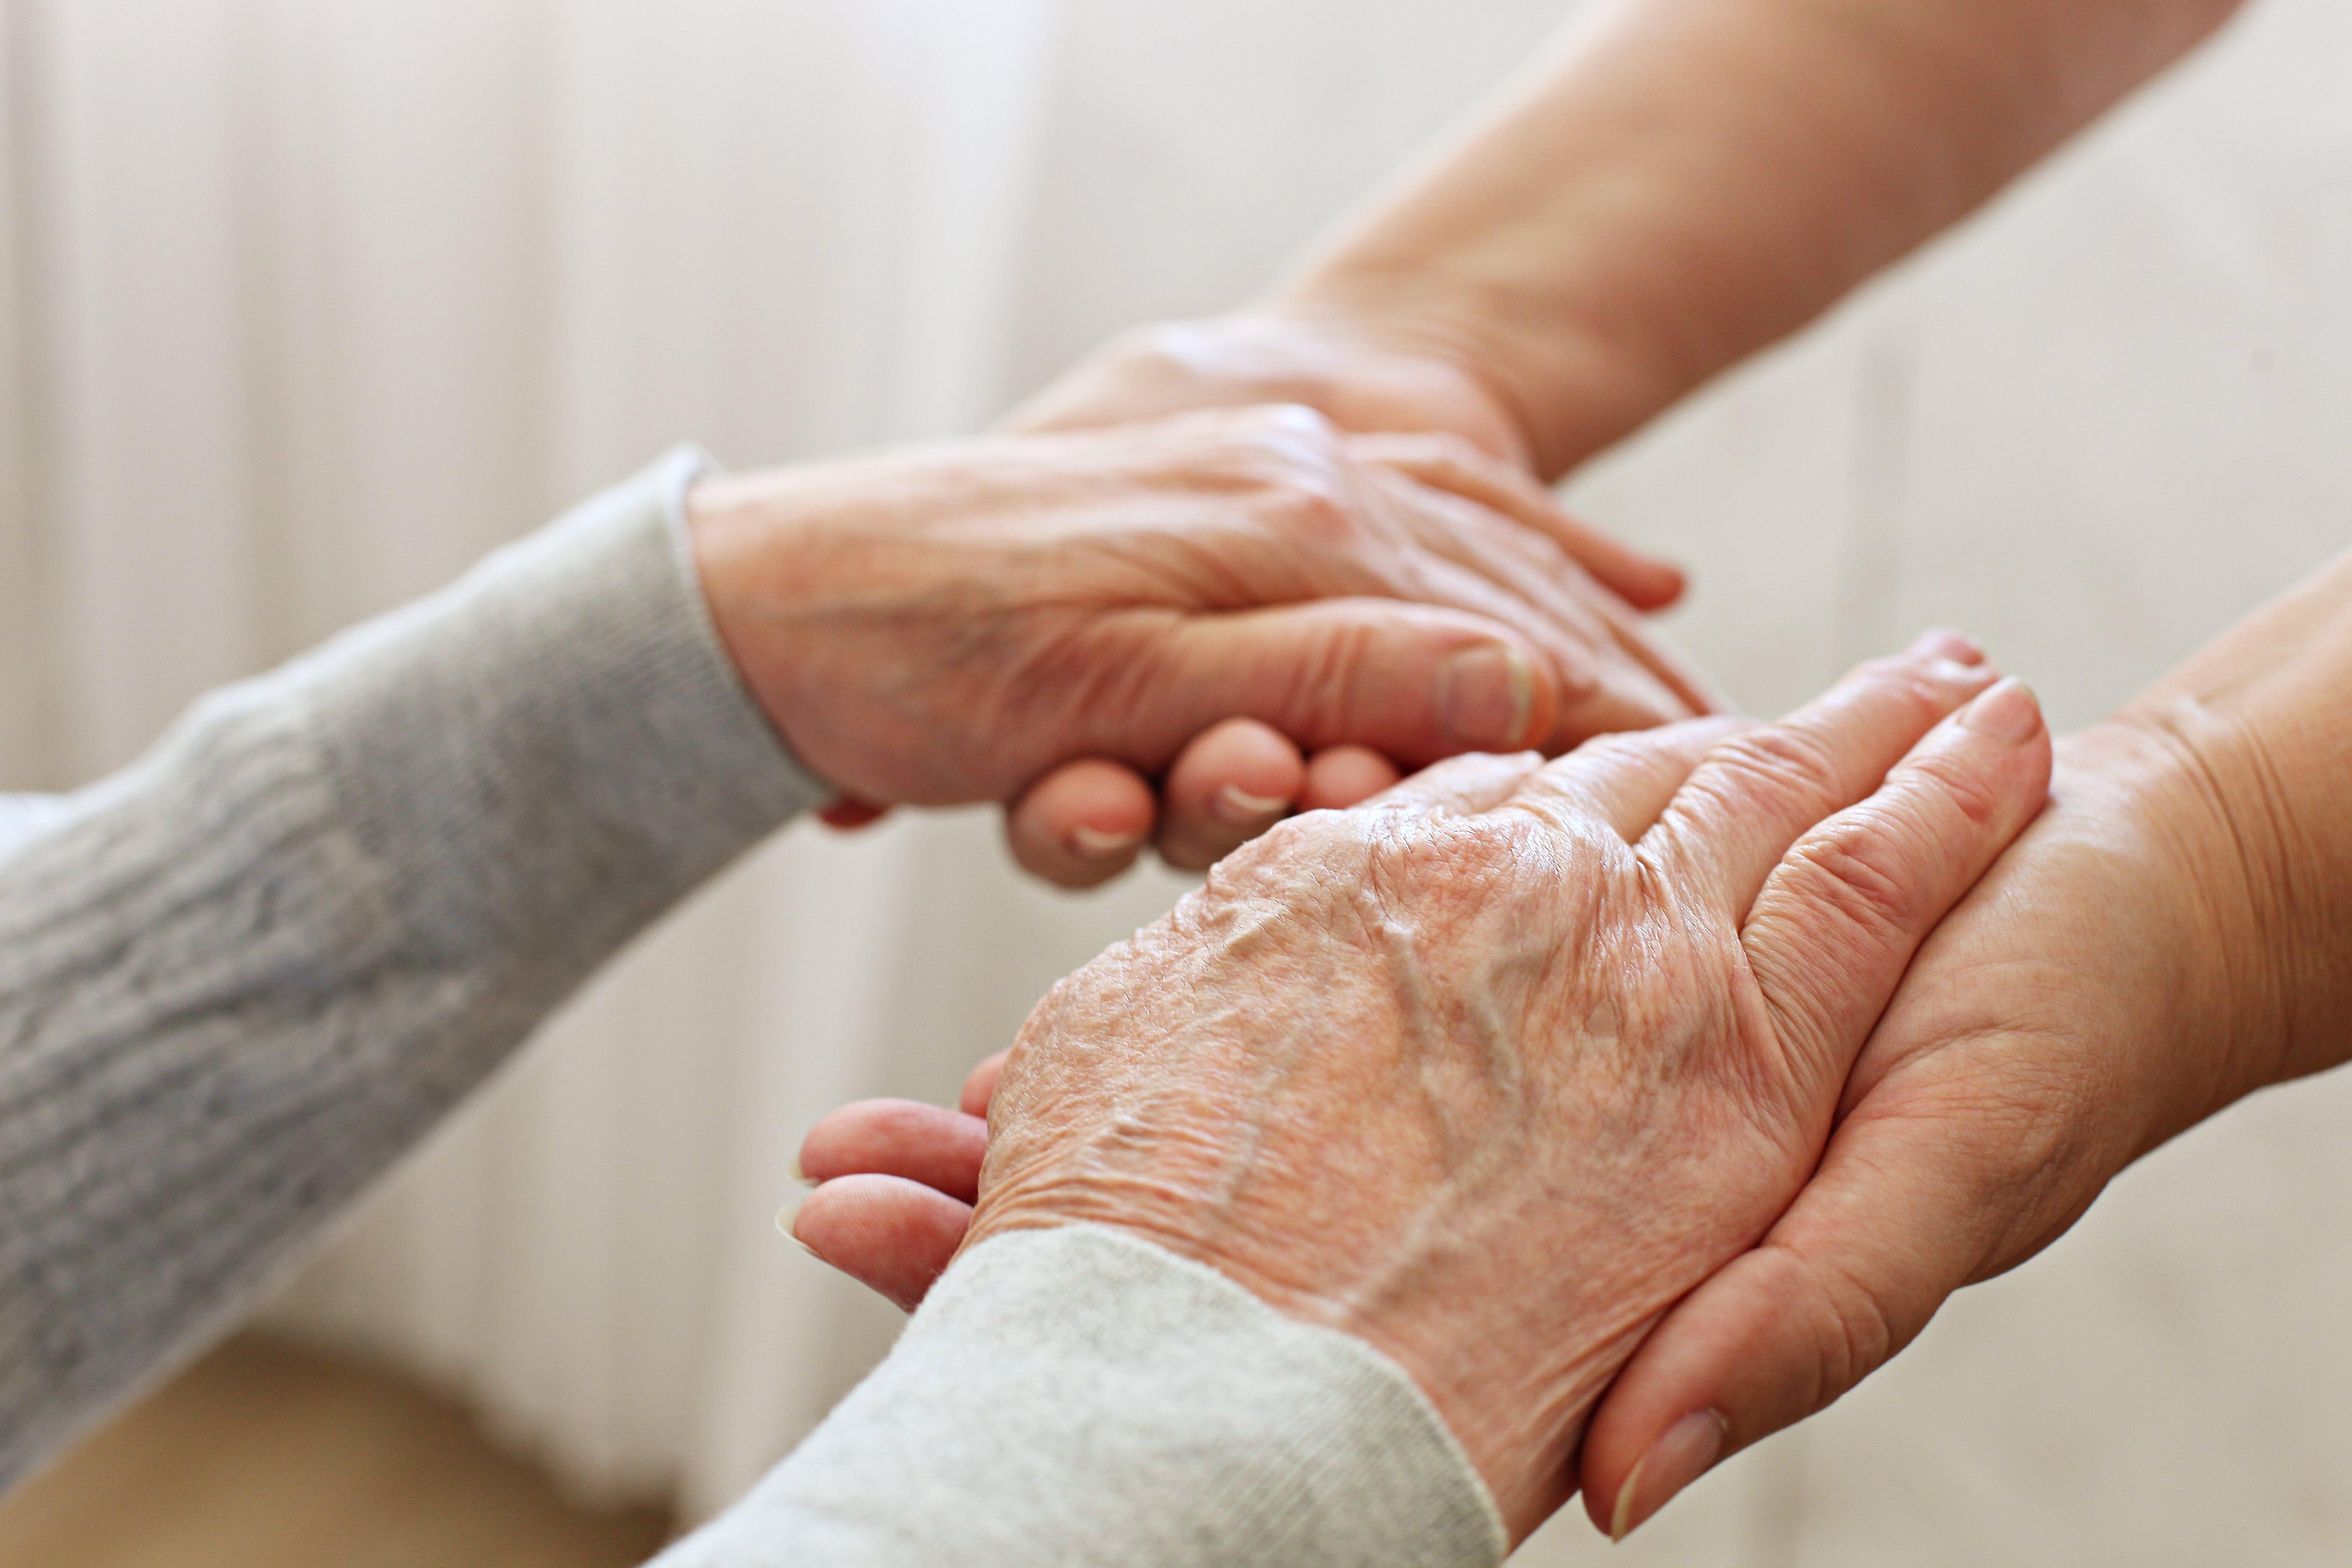 8 Skin Care Tips for Seniors